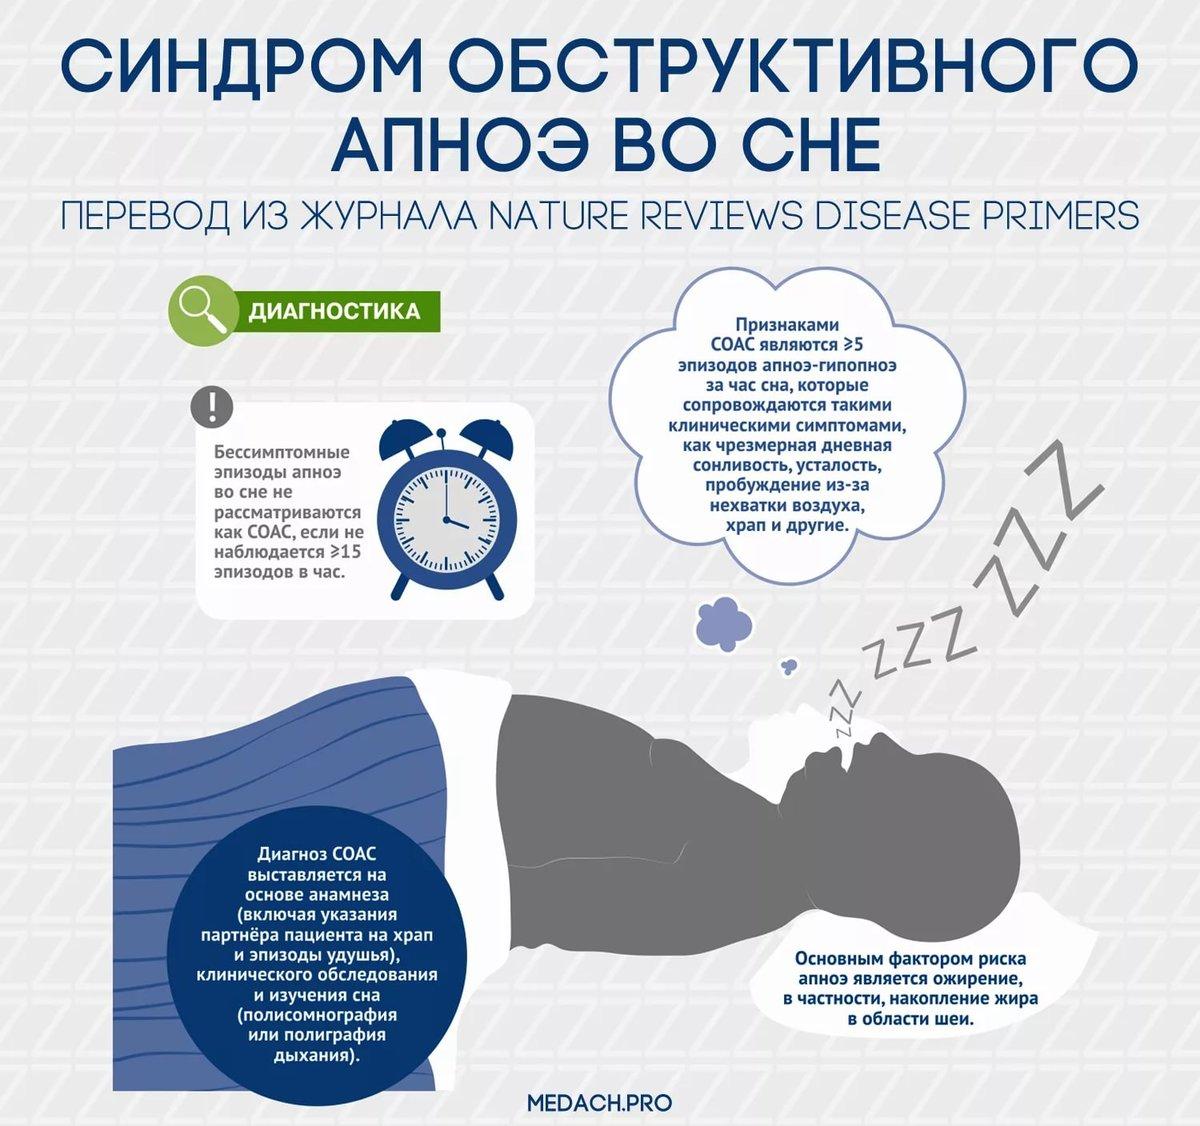 Апноэ - причины у взрослых, почему развивается заболевание, как его диагностировать и лечить?